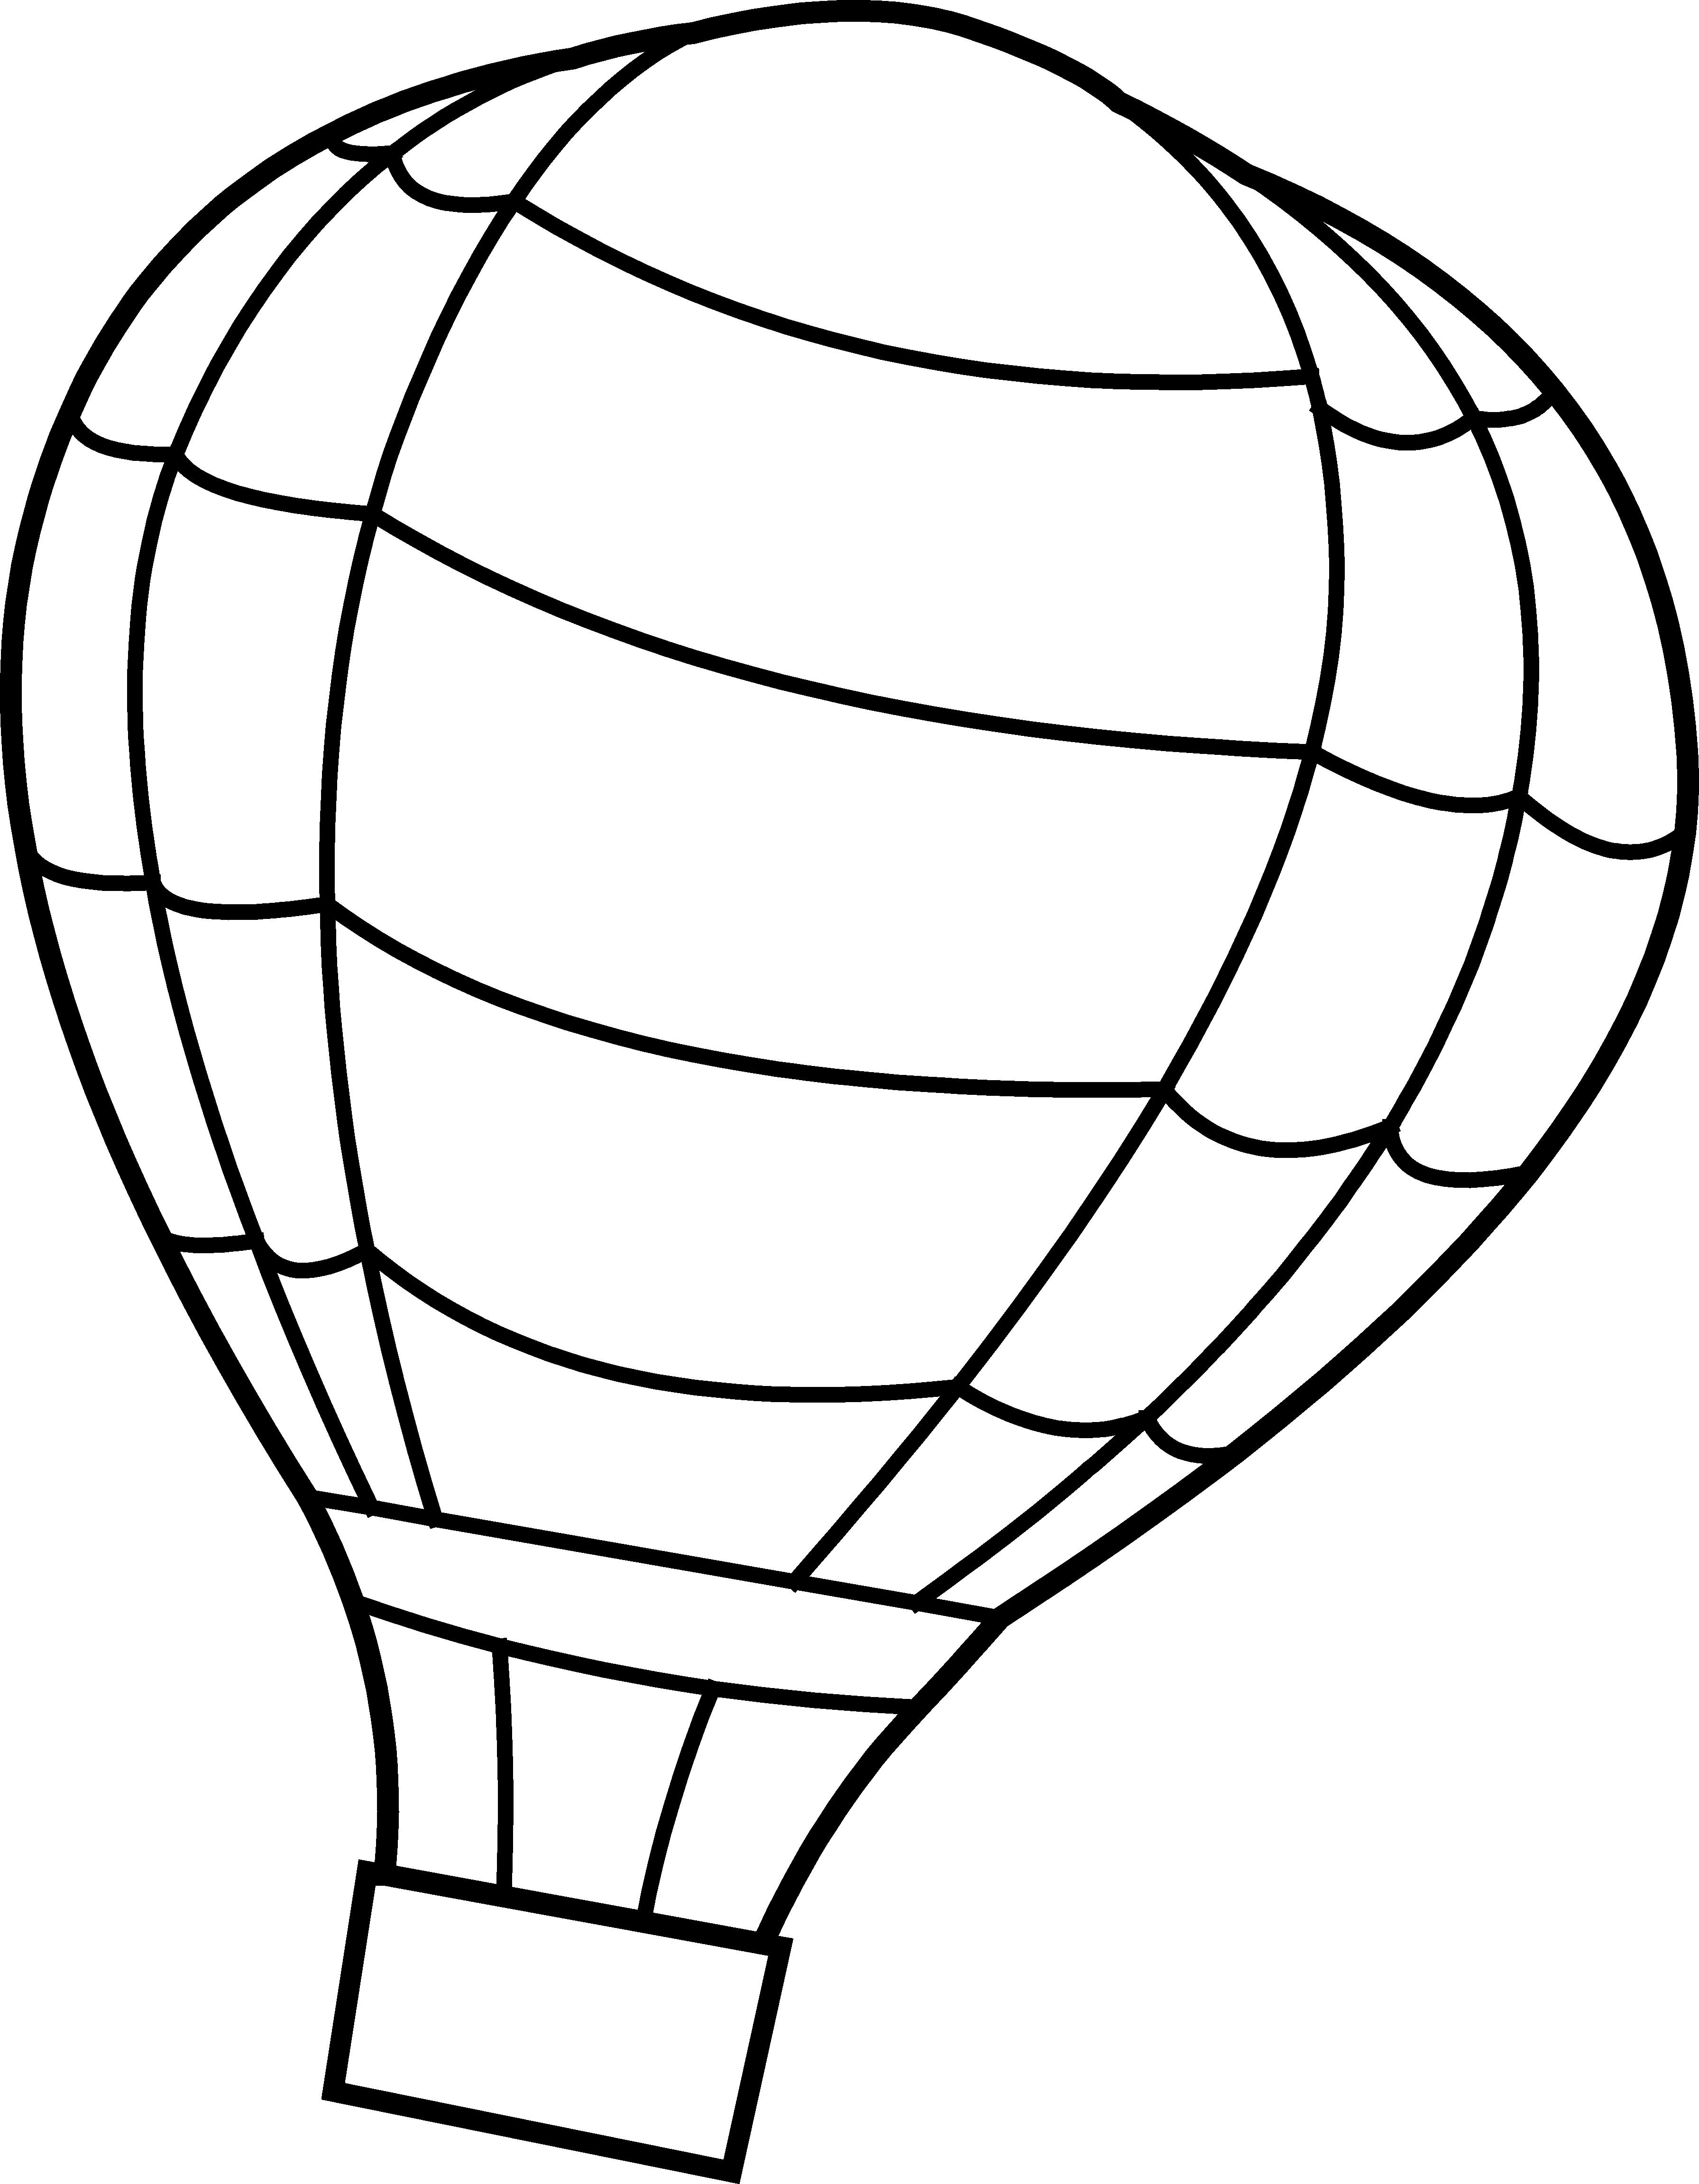 Black And White Hot Air Balloon Clipart | Clipart Panda ...